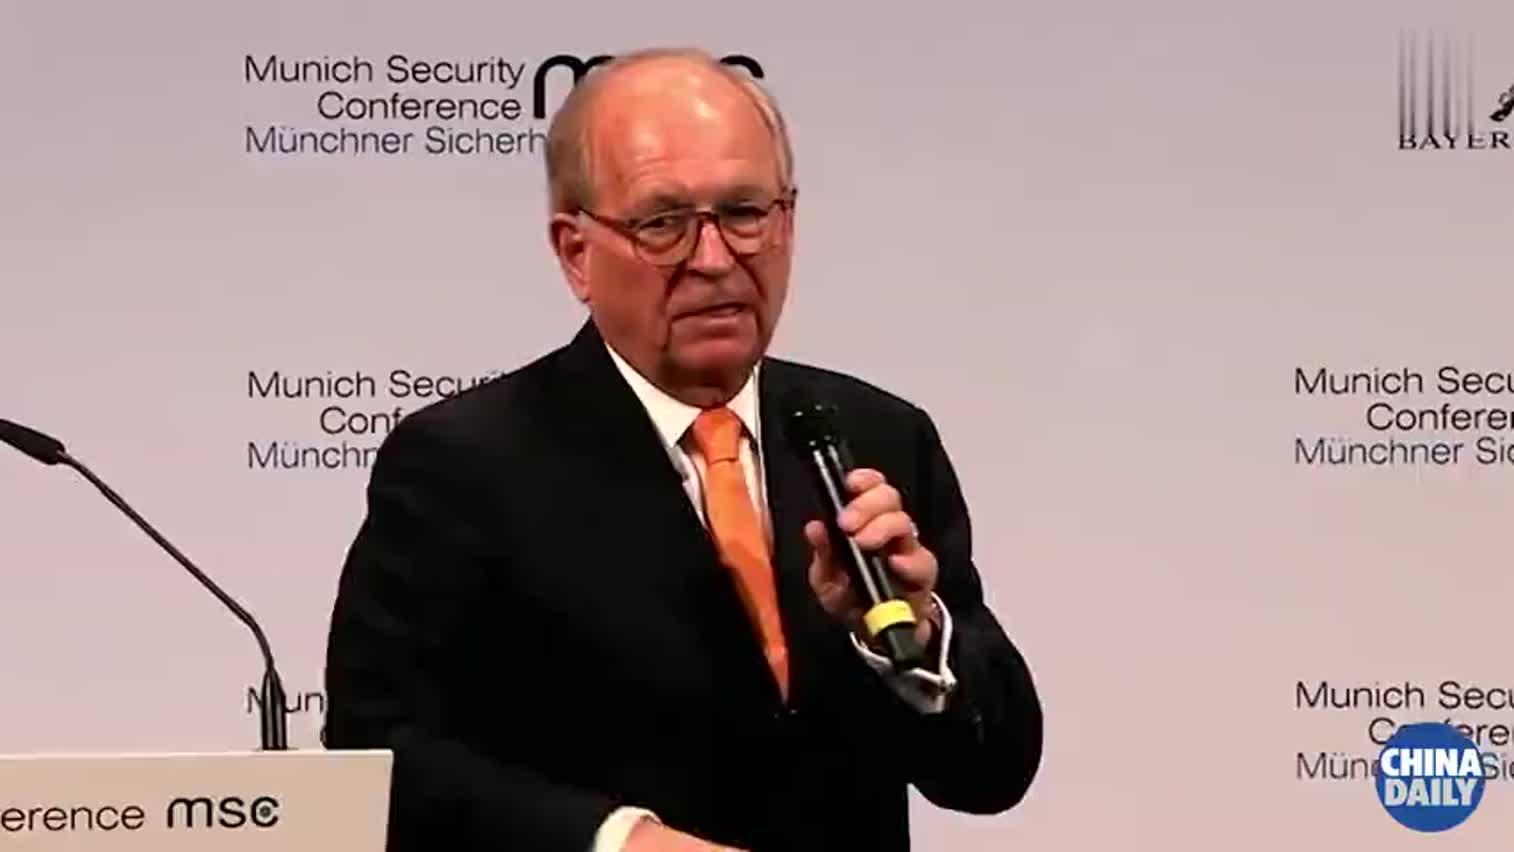 视频-慕安会主席:中国理应得到支持而非一味批评